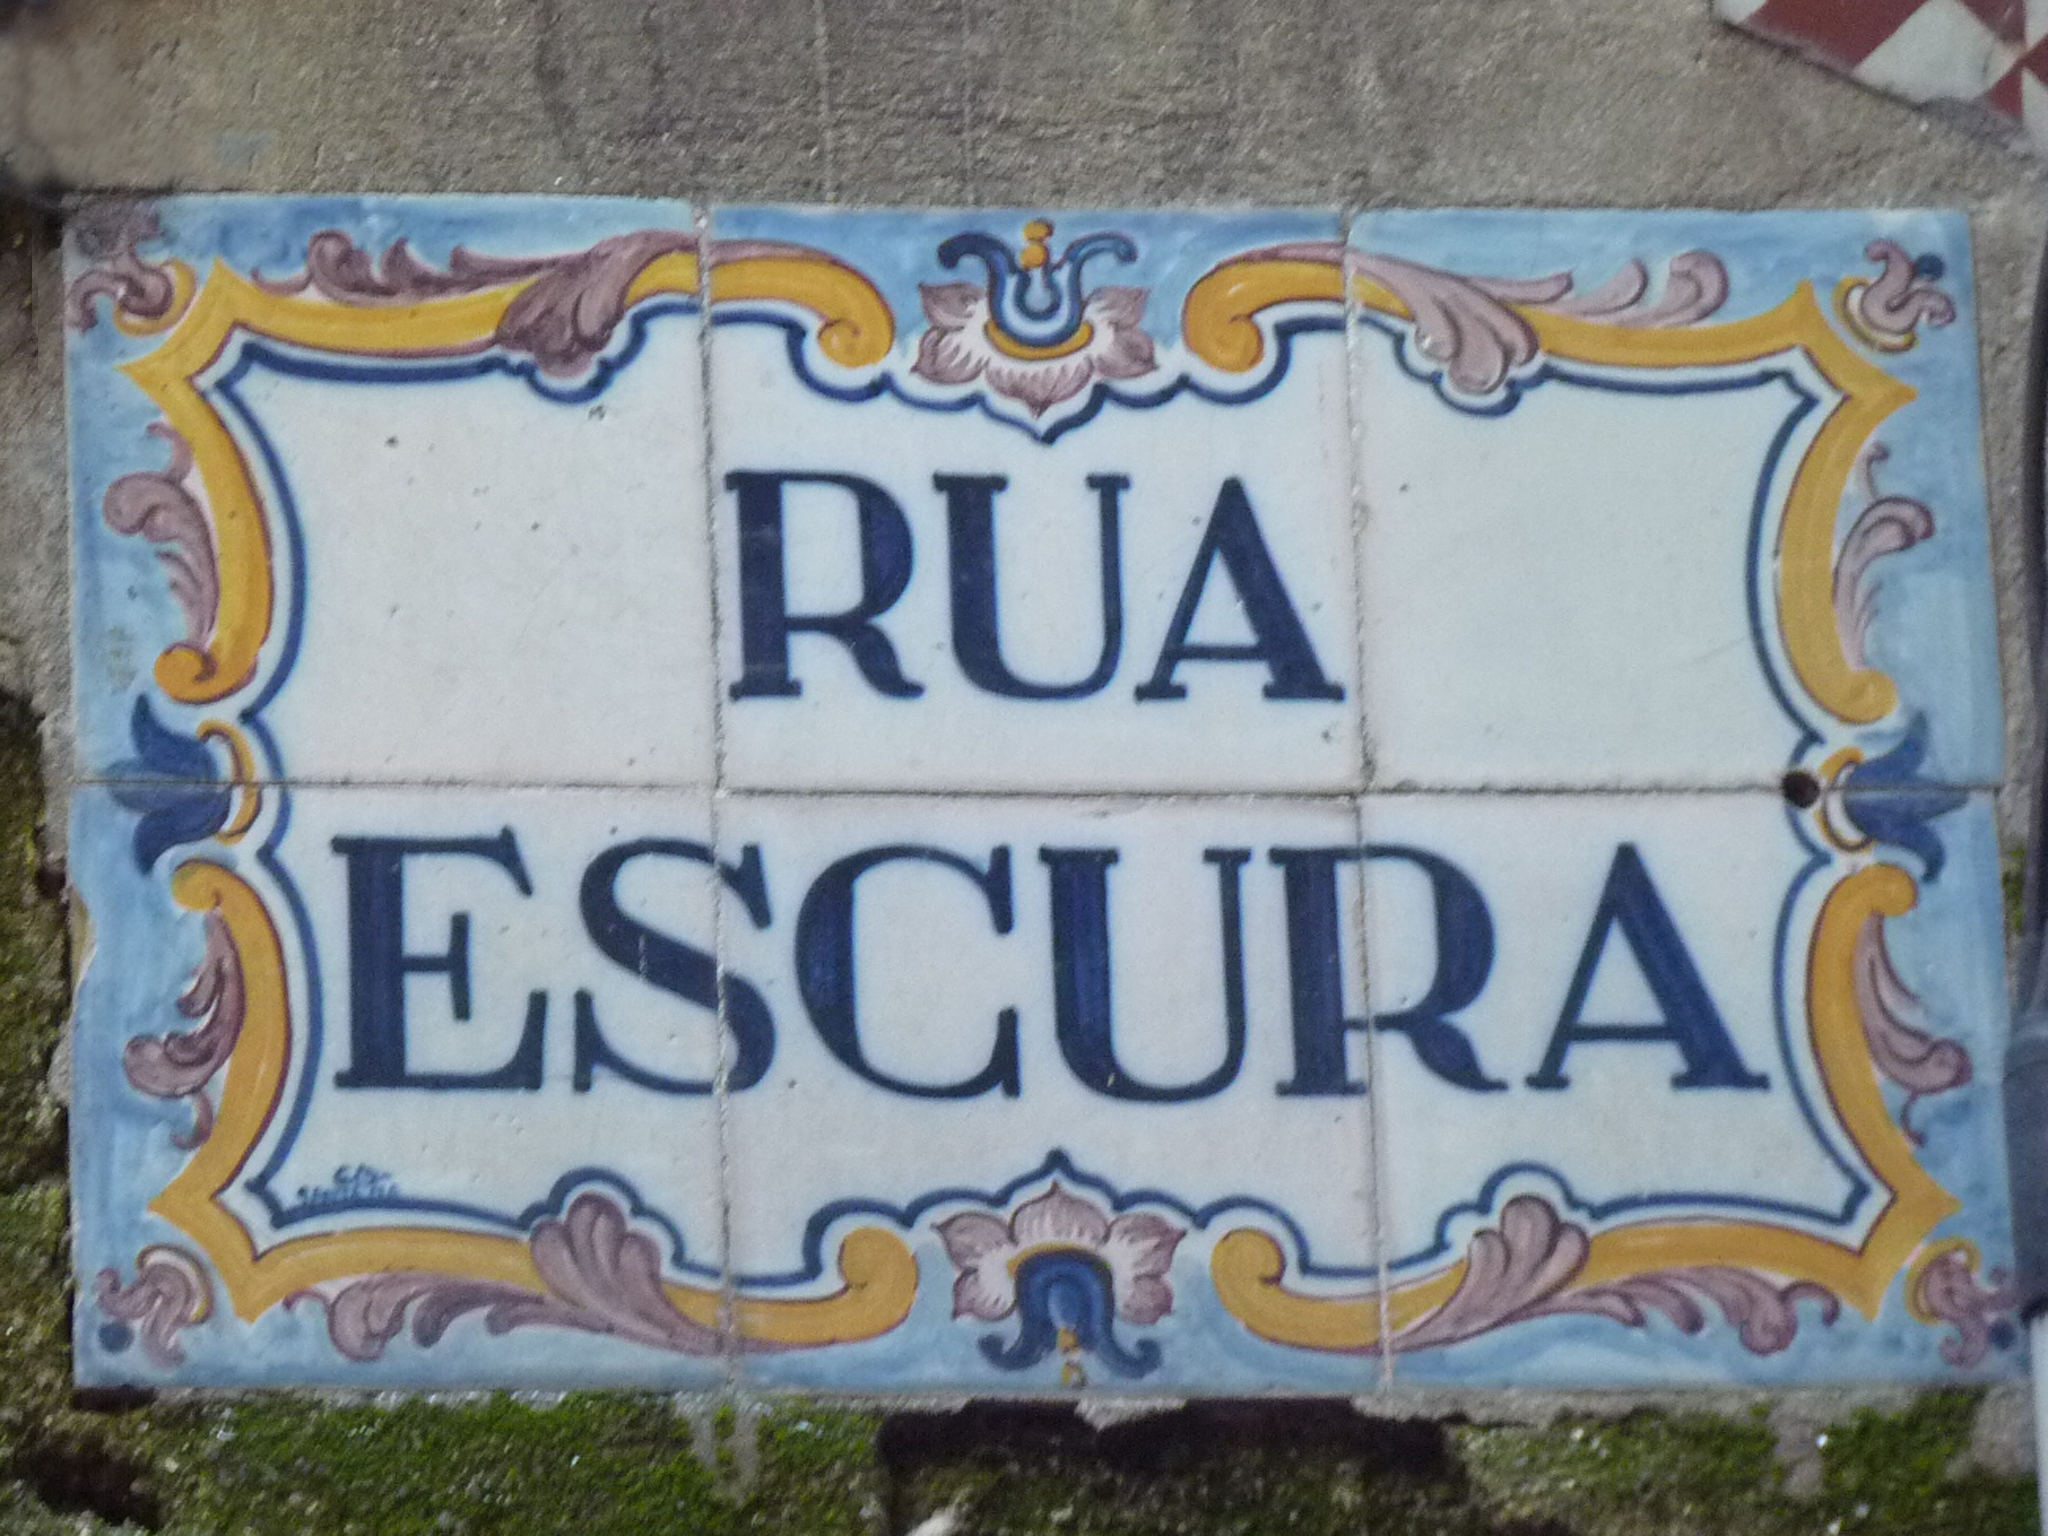 http://upload.wikimedia.org/wikipedia/commons/4/4e/Rua_Escura_-_Azulejo_78.JPG